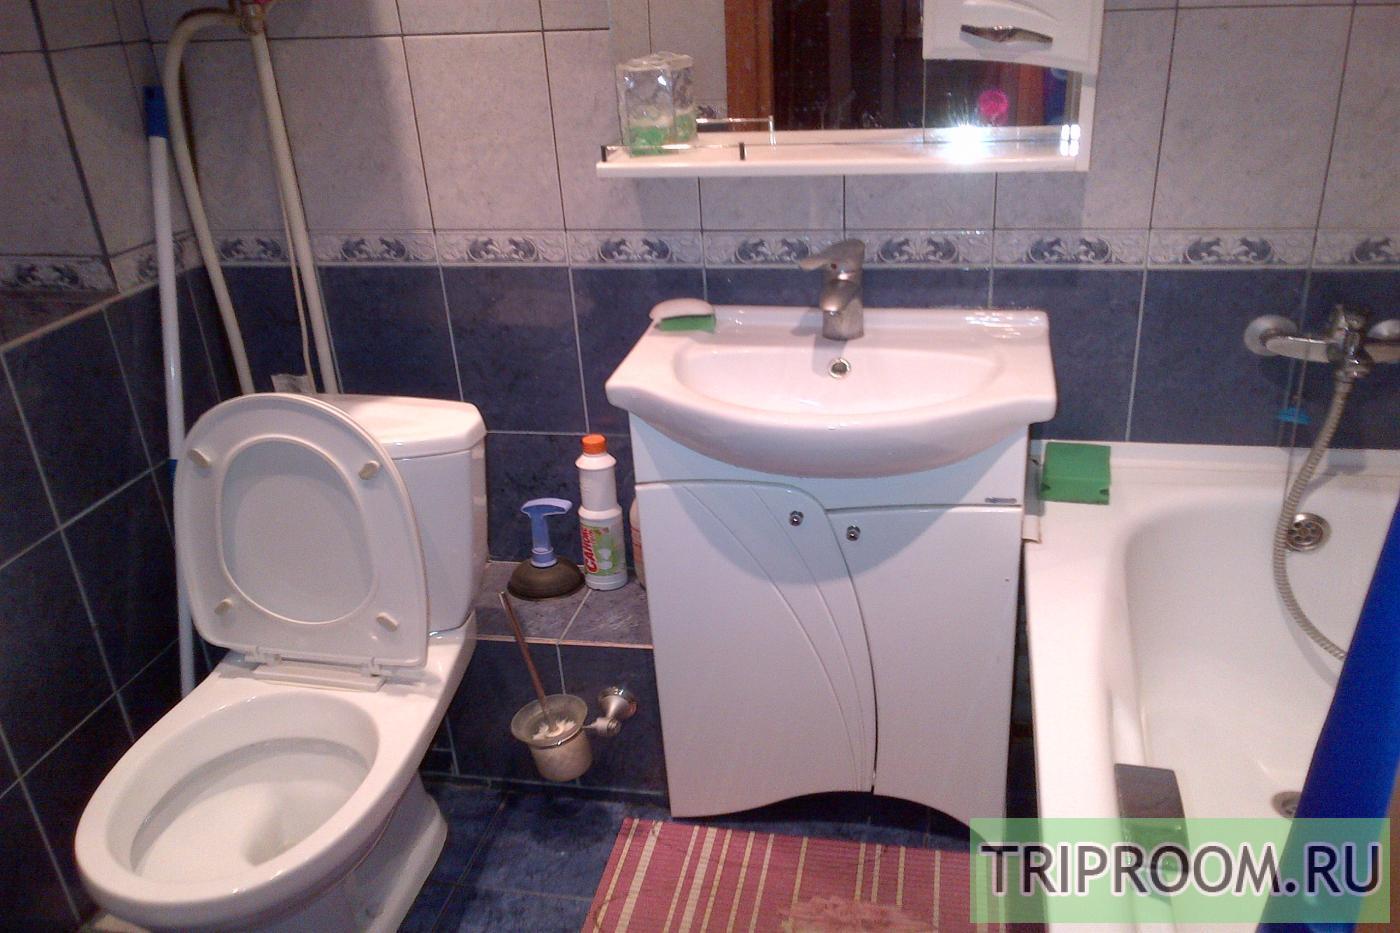 1-комнатная квартира посуточно (вариант № 11690), ул. Вольская улица, фото № 6